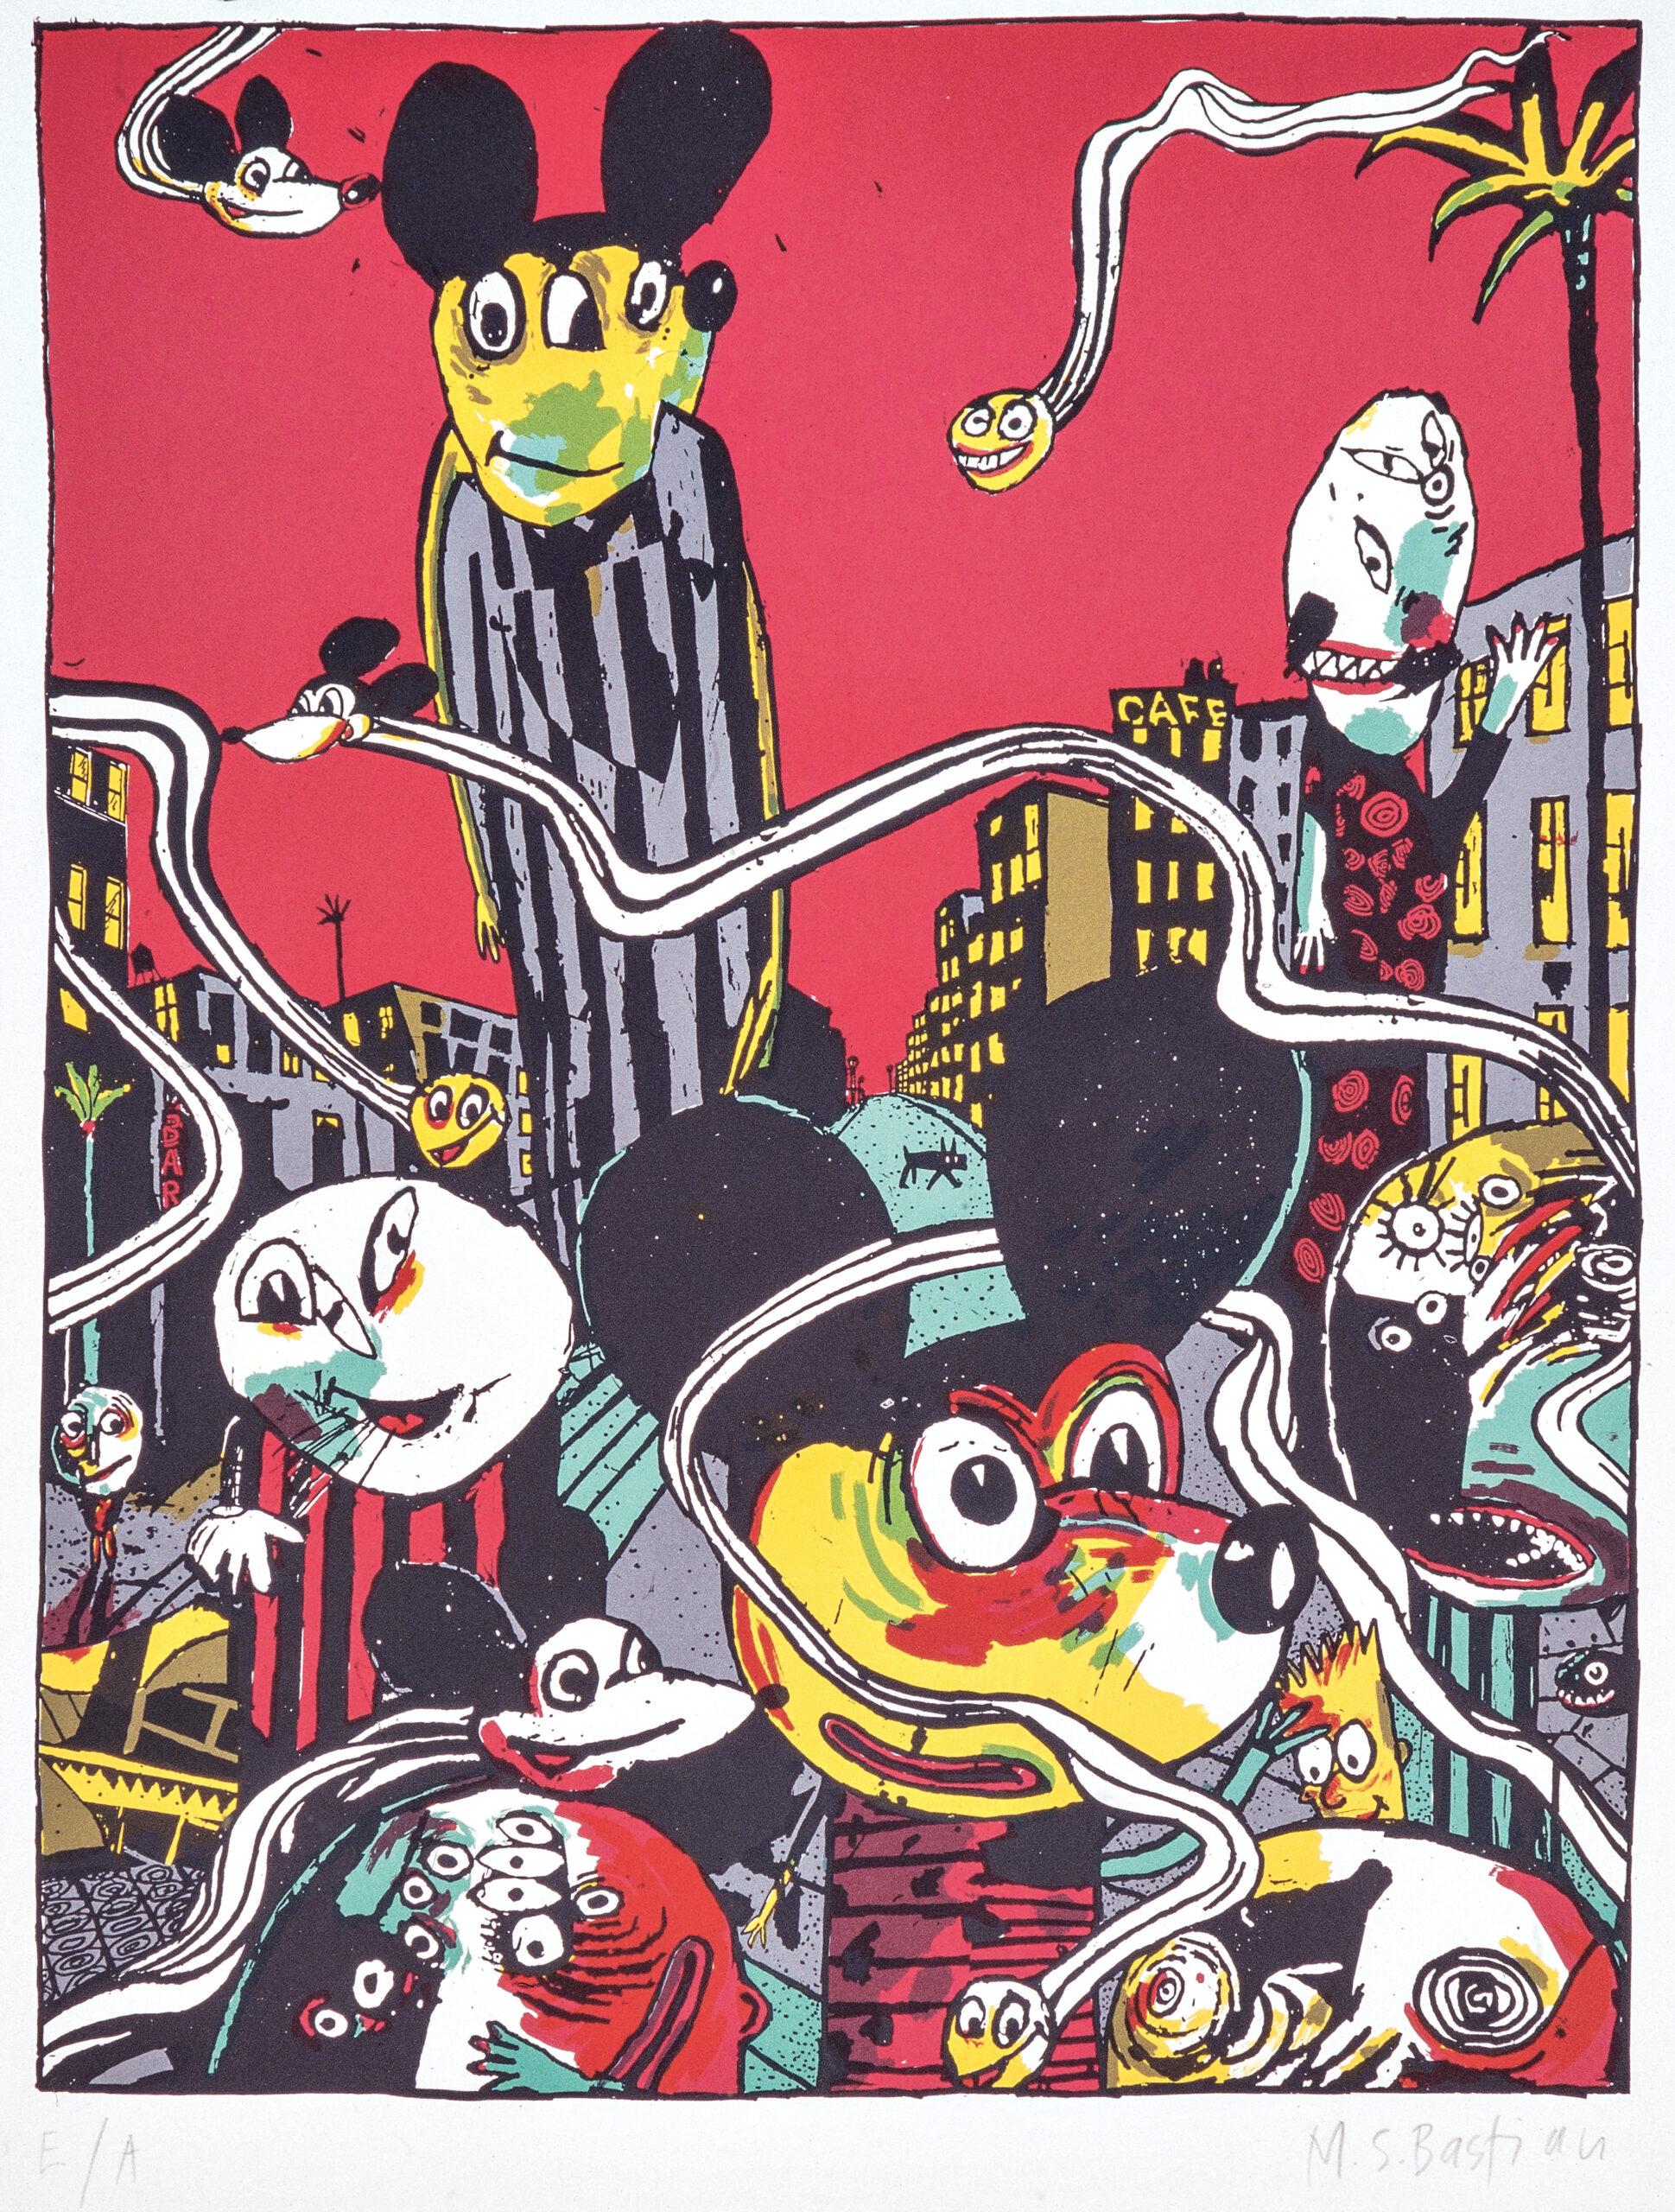 M.S. Bastian / Isabelle L., «Suchbild der Hund», 1993, Siebdruck © M.S. Bastian / Isabelle L.